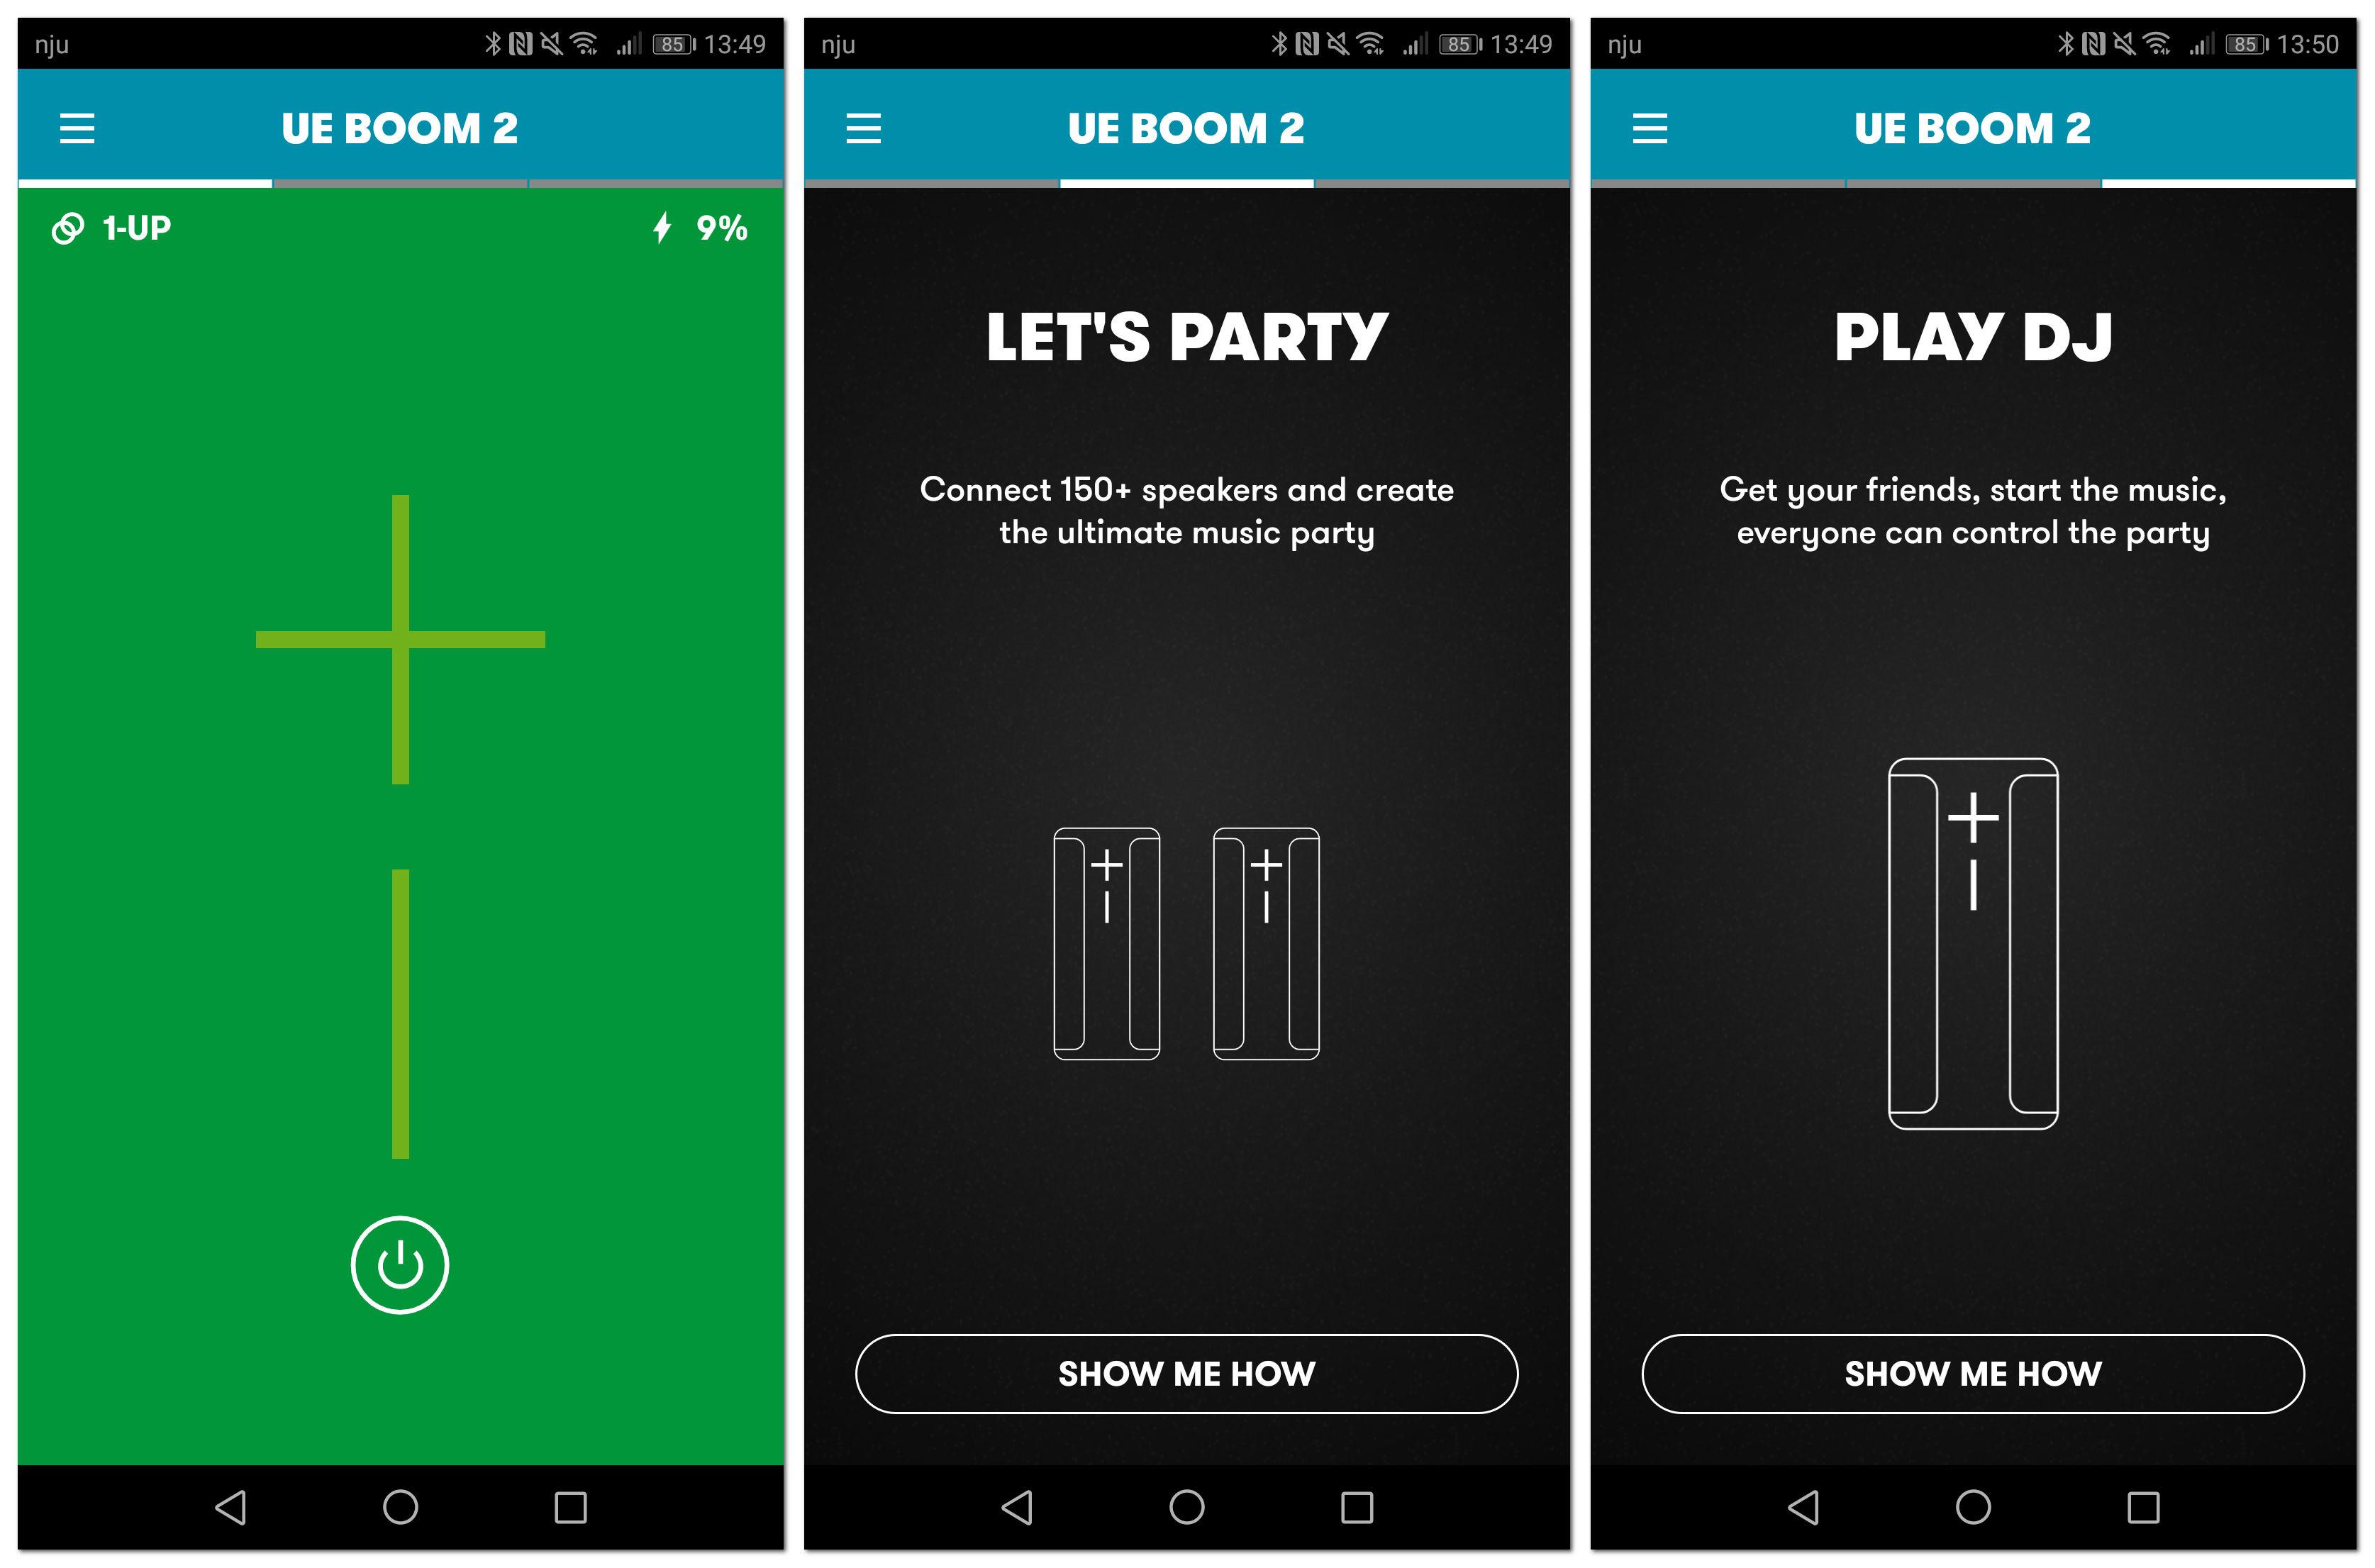 aplikacja mobilna - ue boom 2 dosterowania głośnikiem